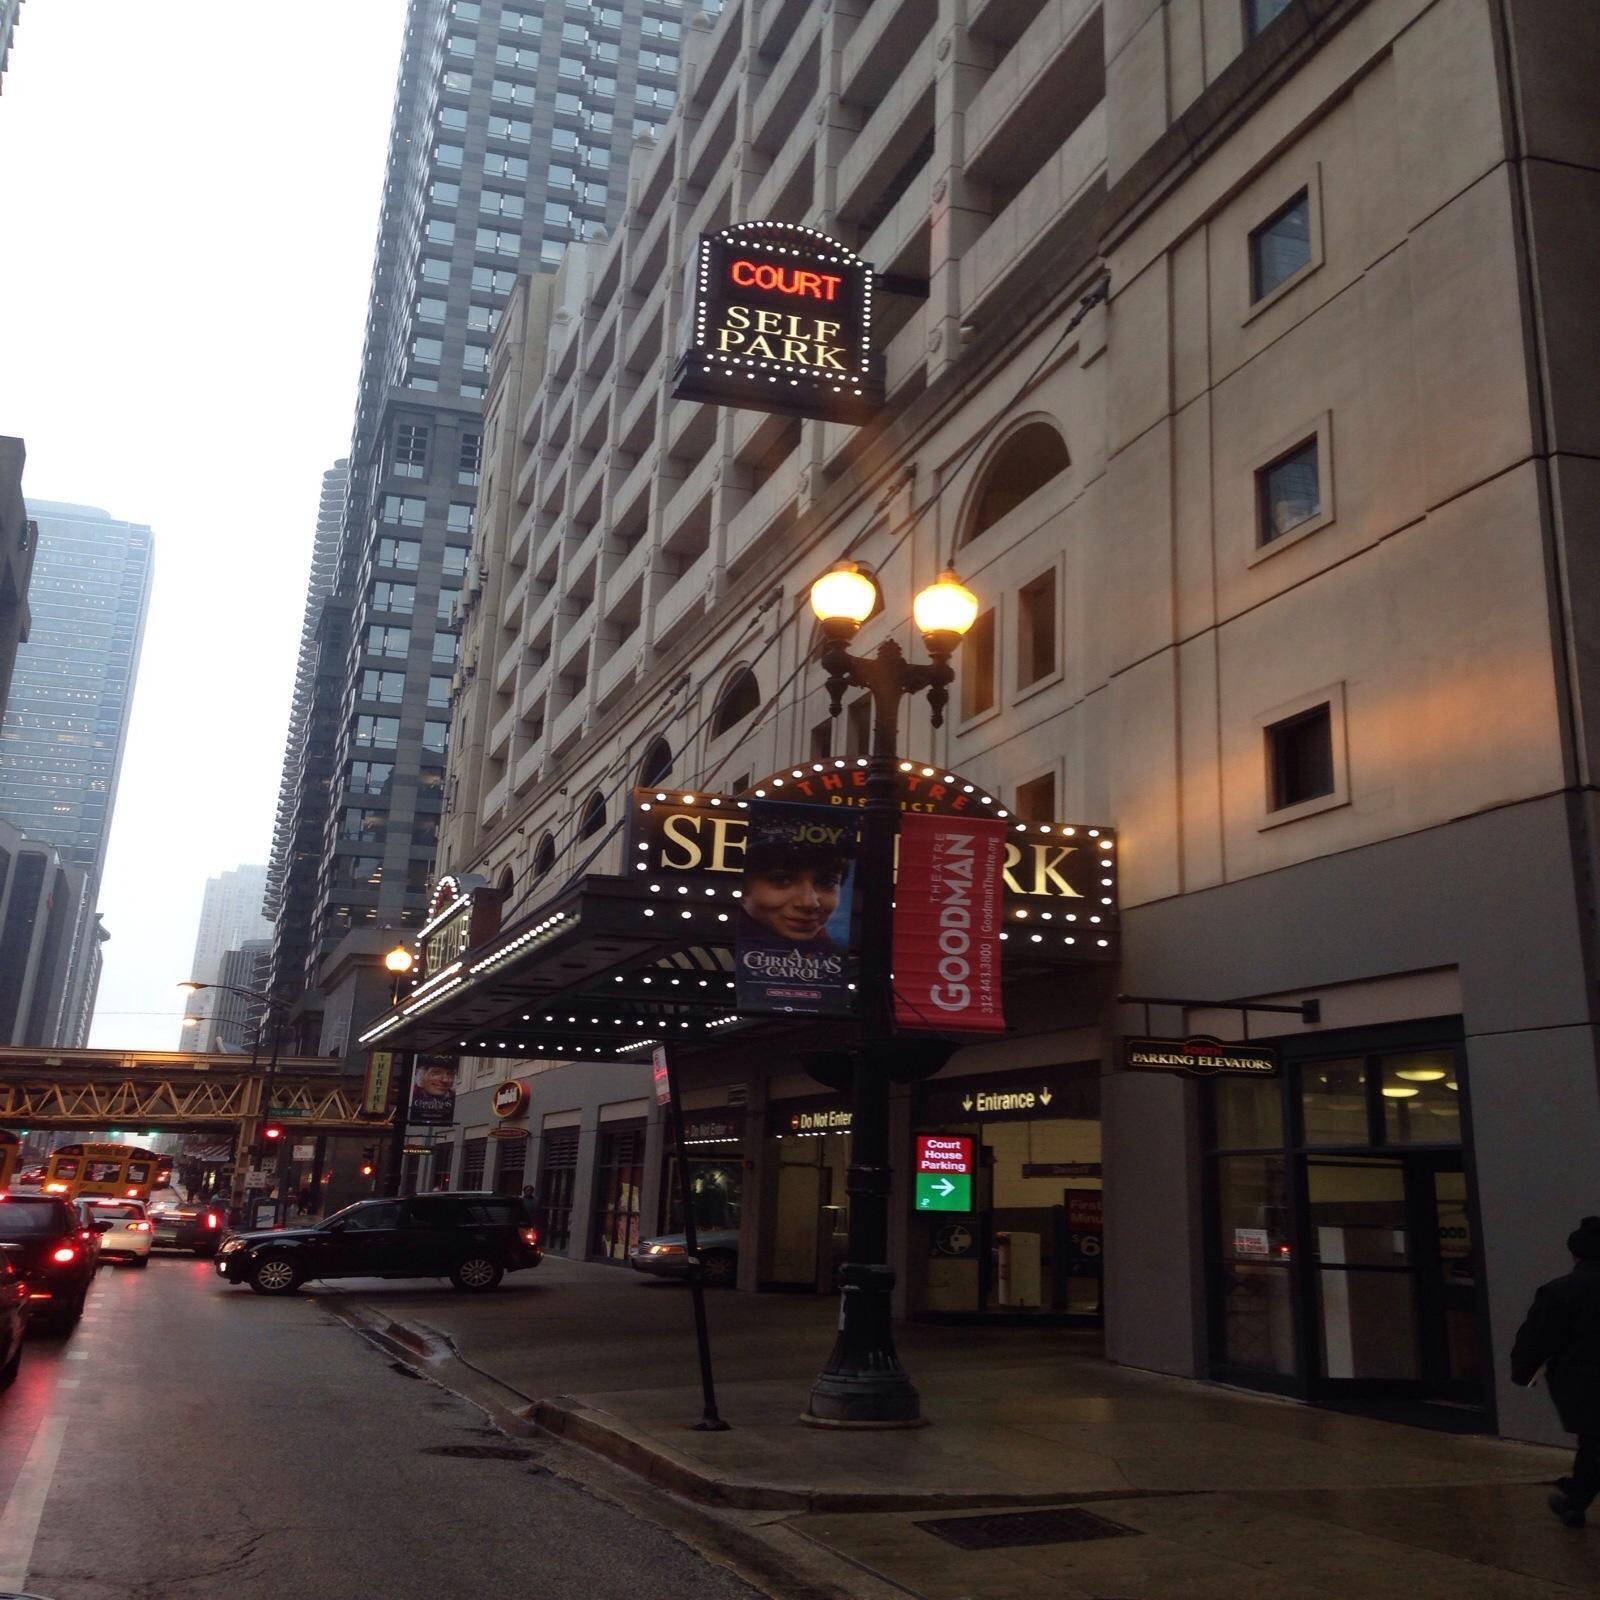 Theatre District Garage - Parking In Chicago